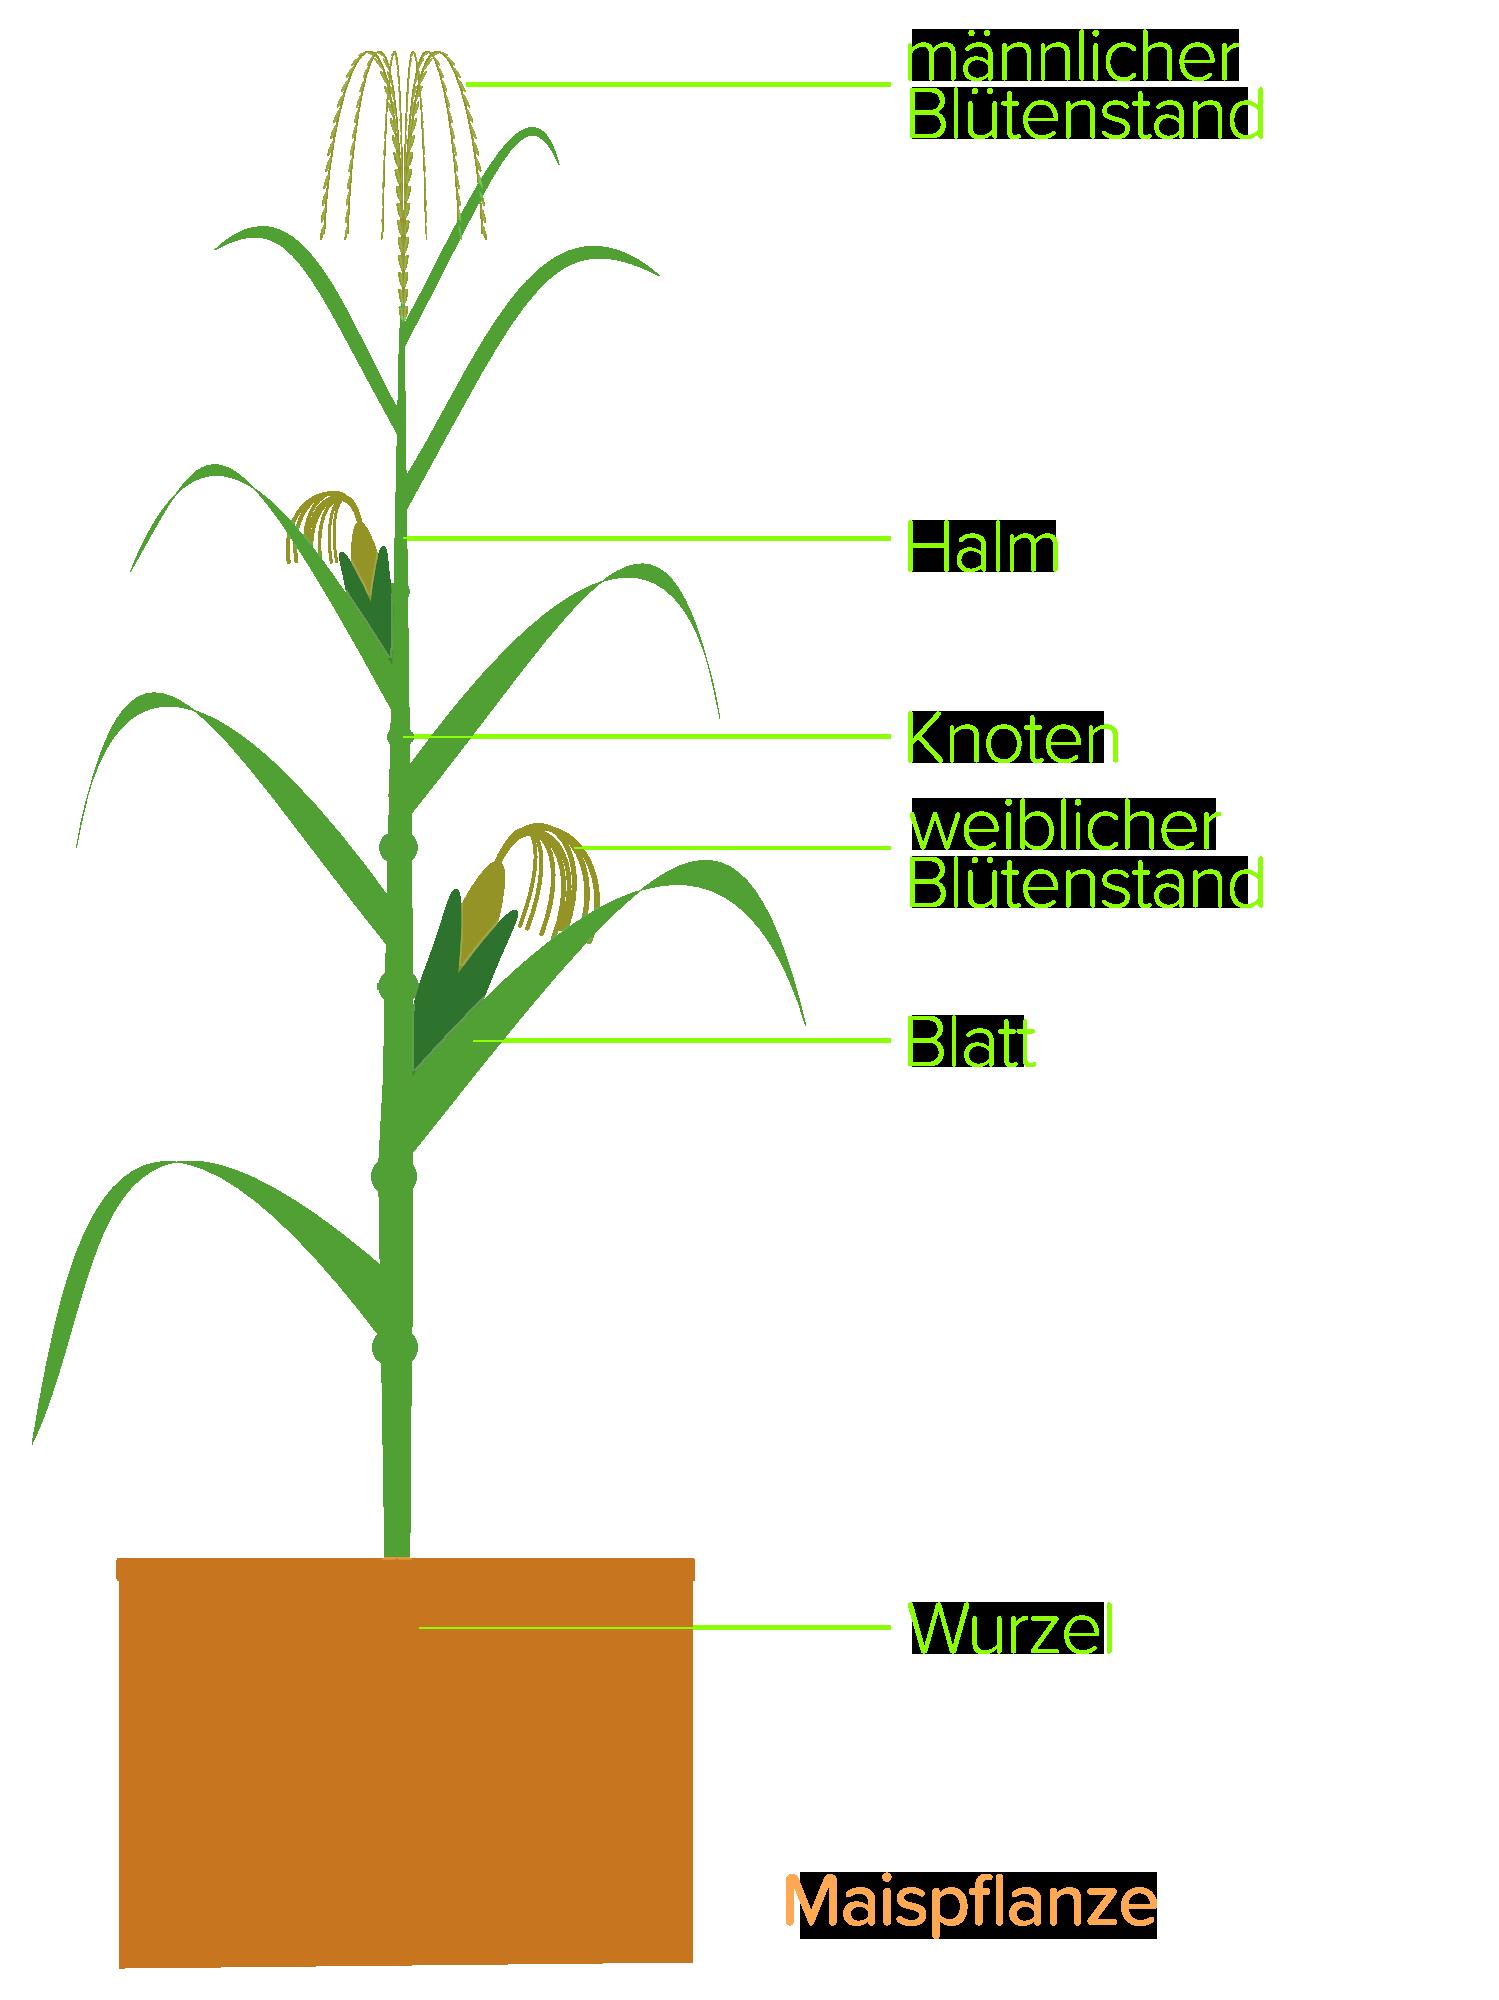 Maispflanze schematisch